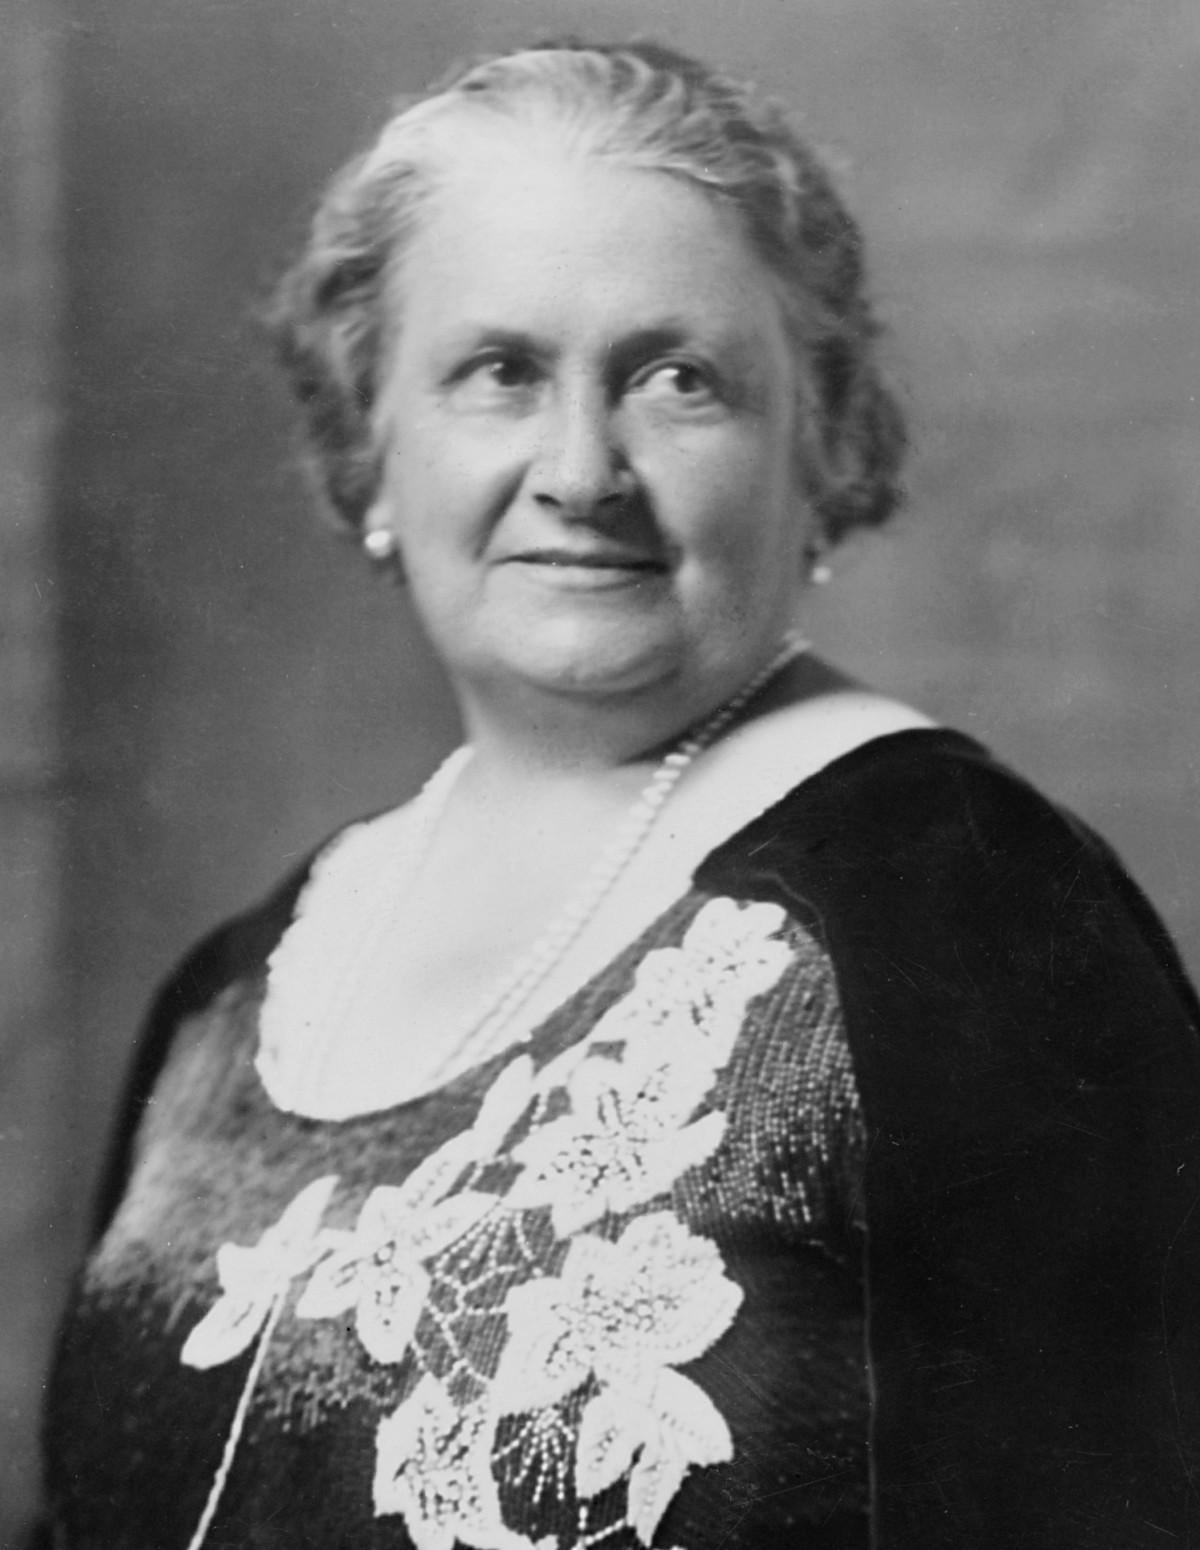 Maria Montessori, italyan eğitimci (ÖY-1952) tarihte bugün